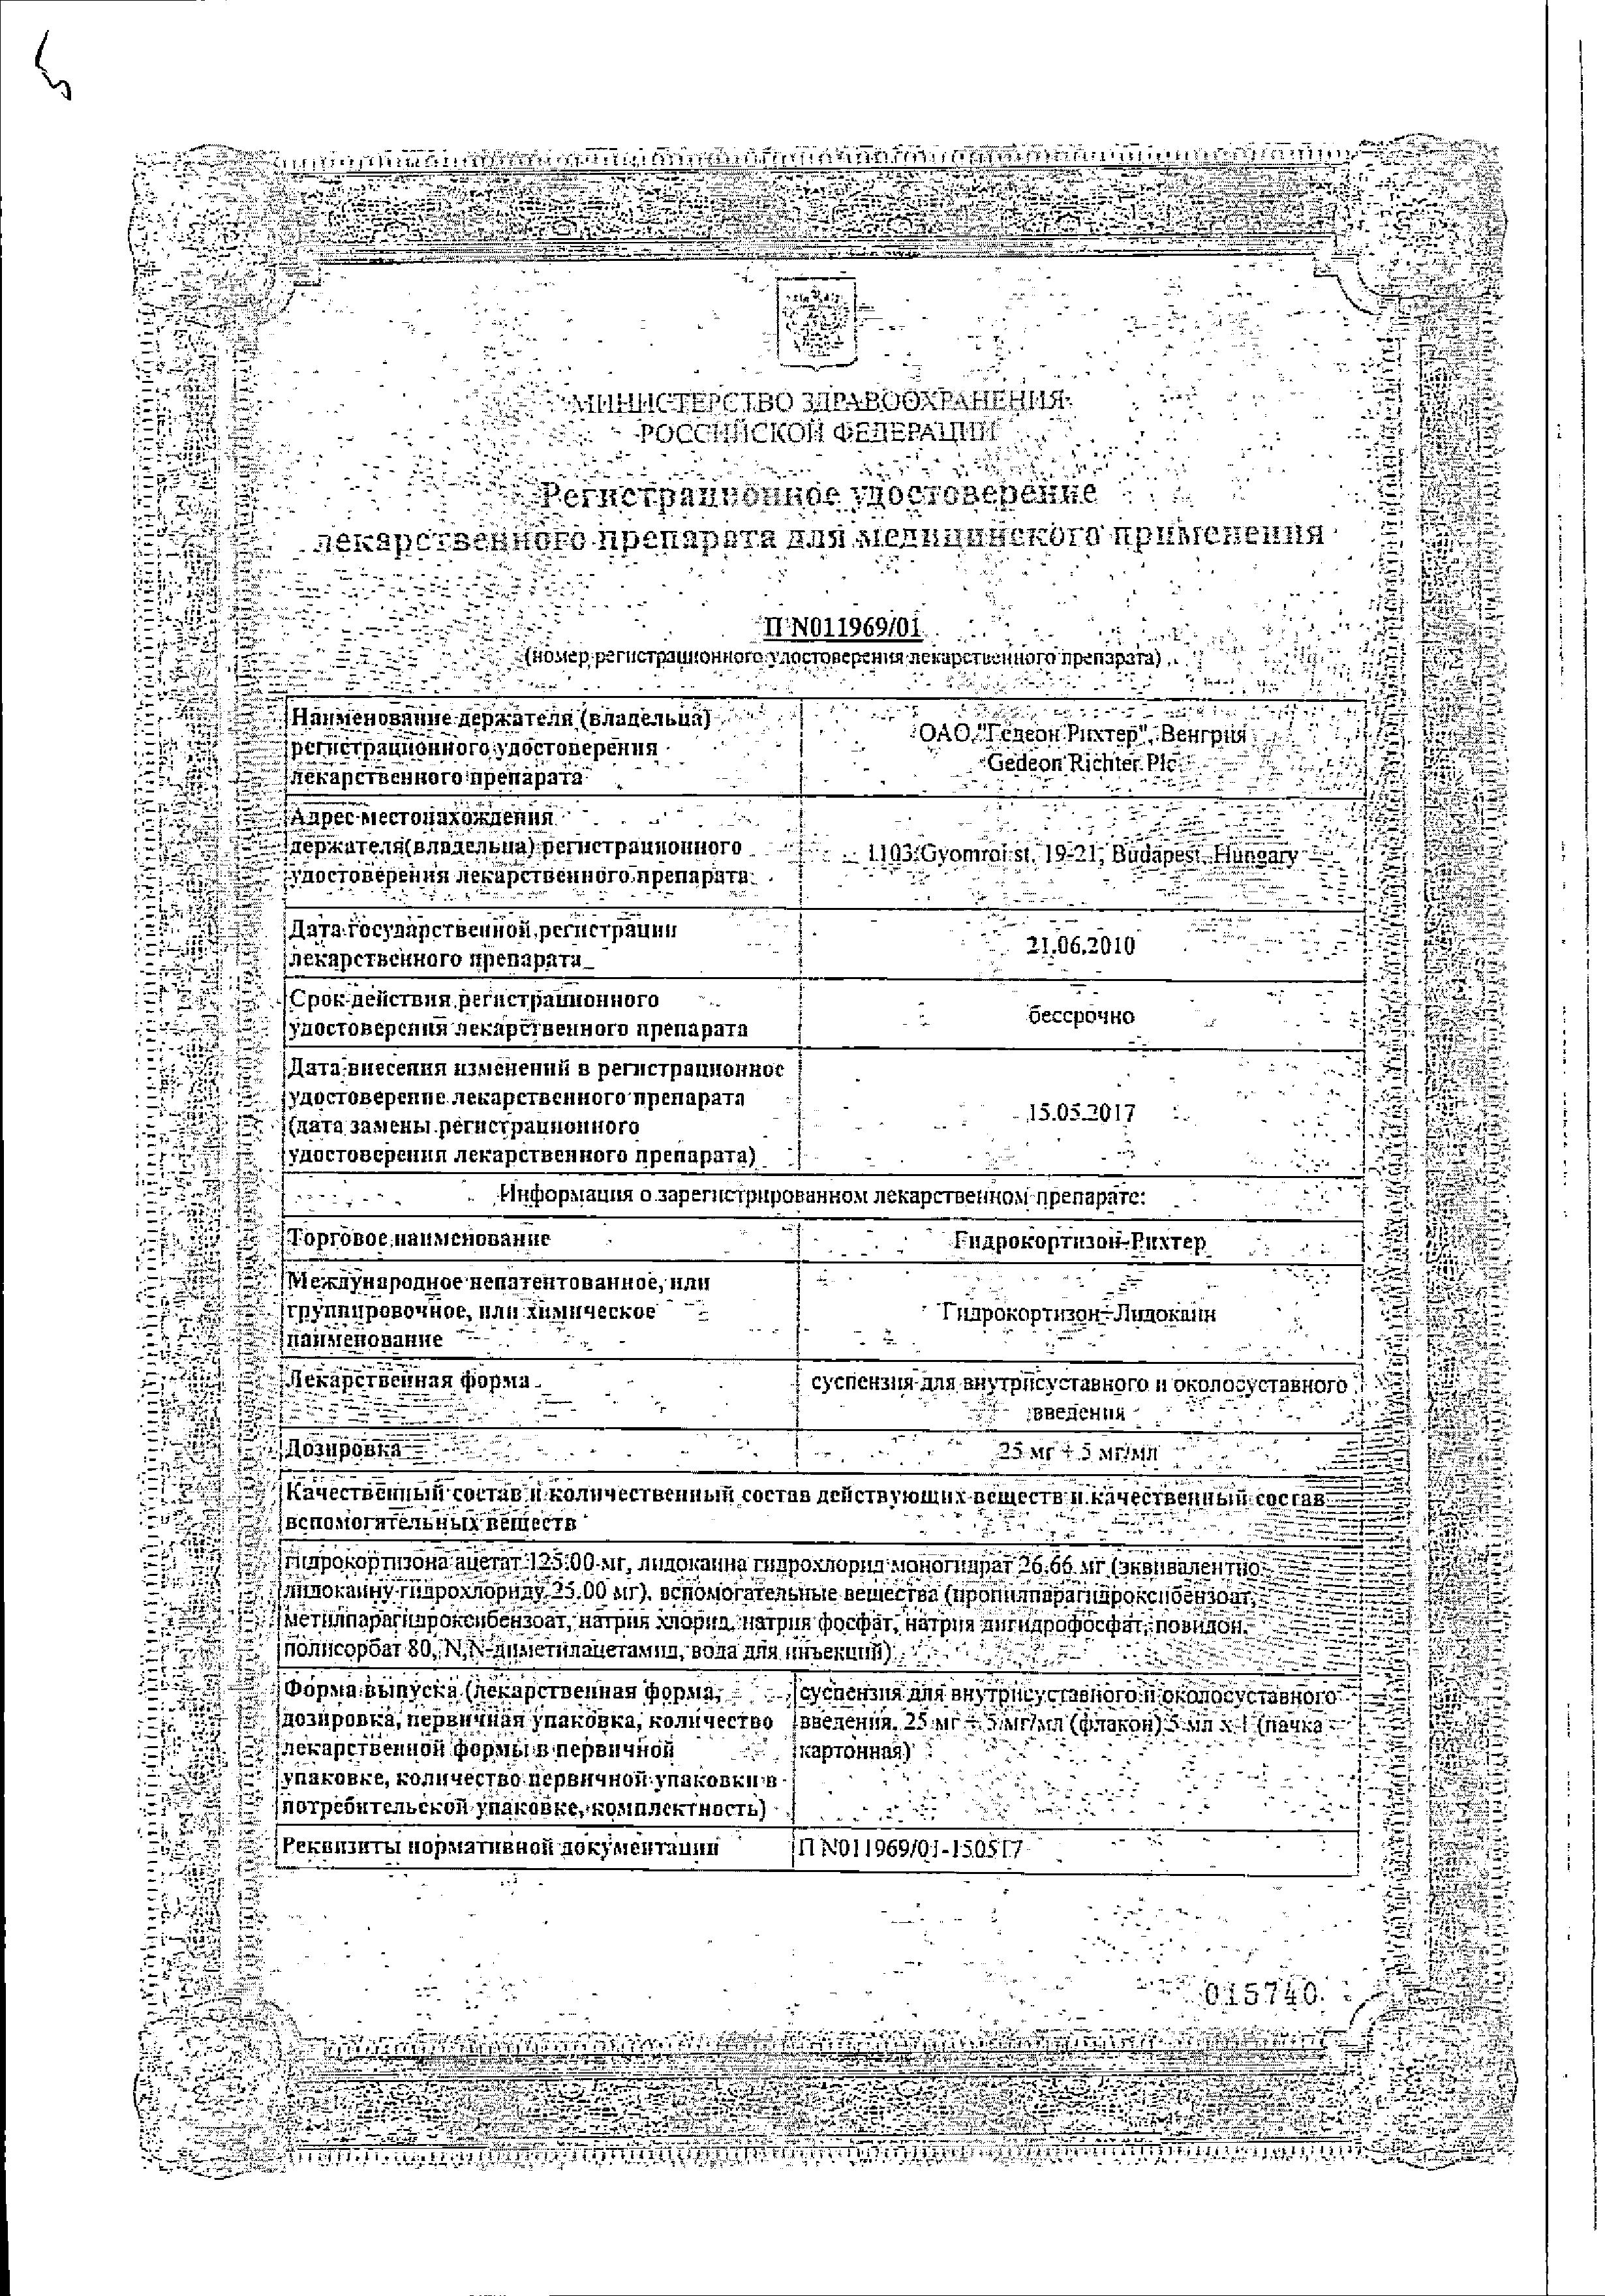 Гидрокортизон-Рихтер сертификат